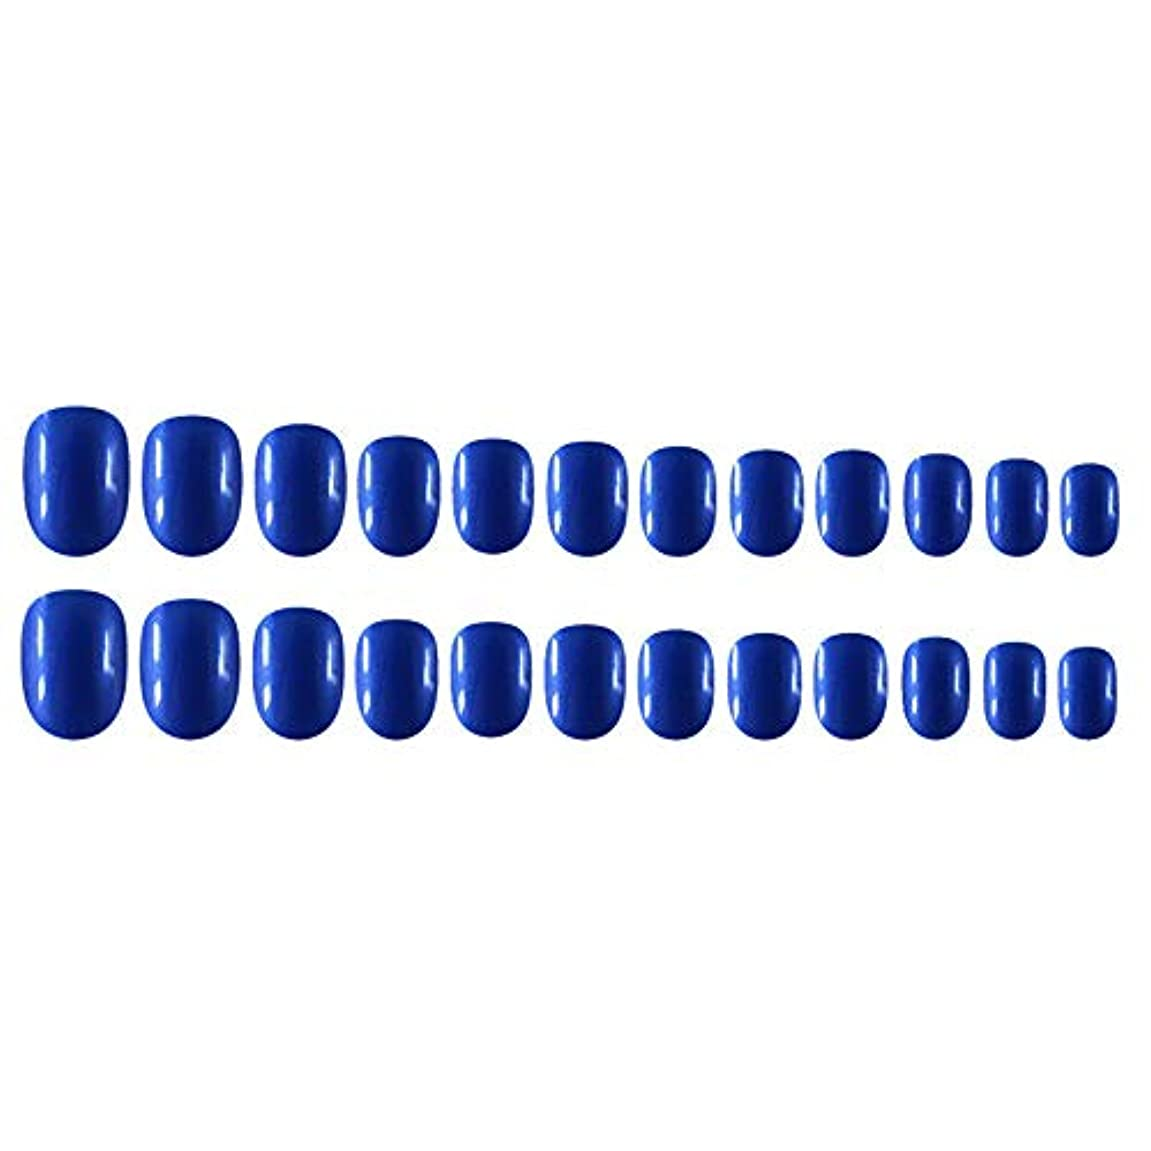 バット撃退する膨らみDecdeal Decdeal ネイルチップ 24ピース 12異なるサイズ diy サロン ネイルアートツール 偽